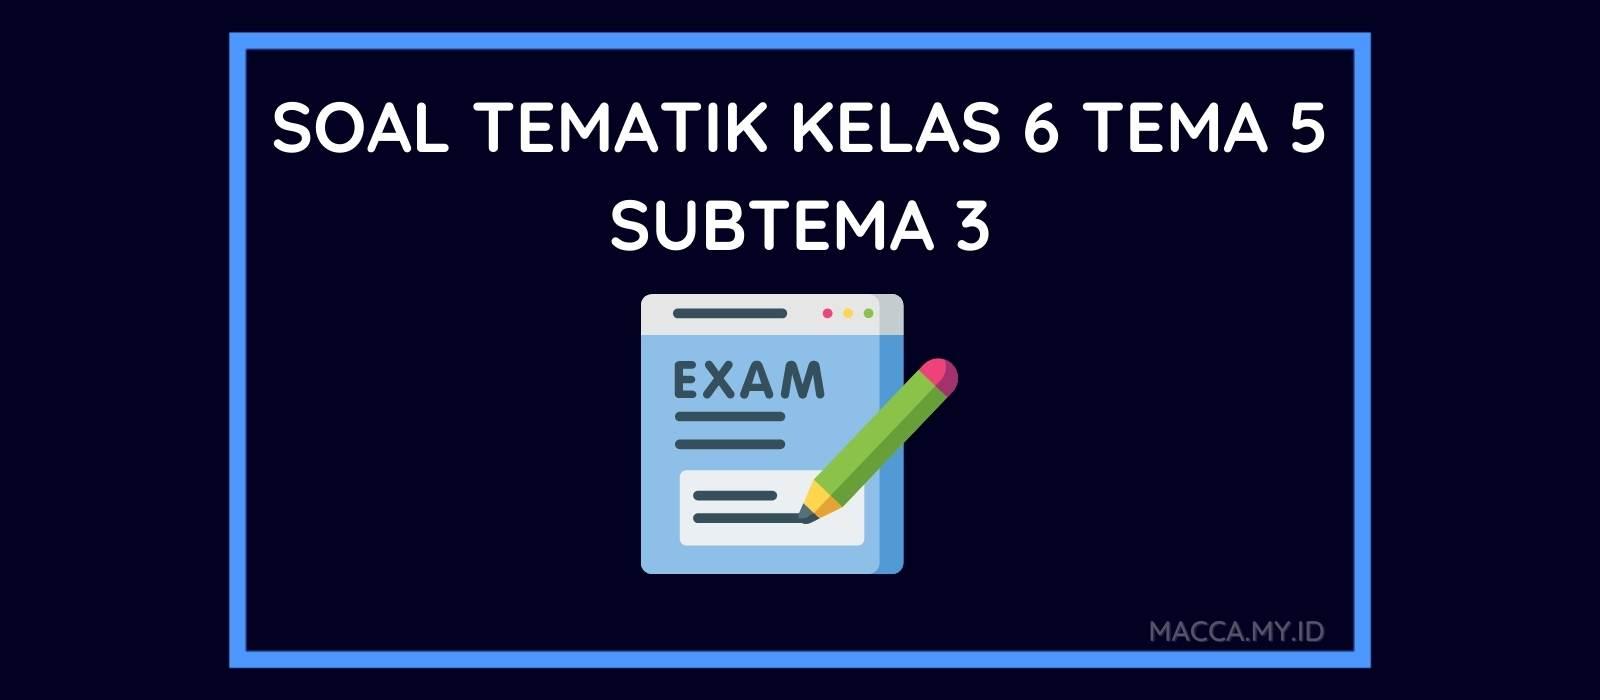 Soal Tematik Kelas 6 Tema 5 Subtema 3 dan Kunci Jawaban